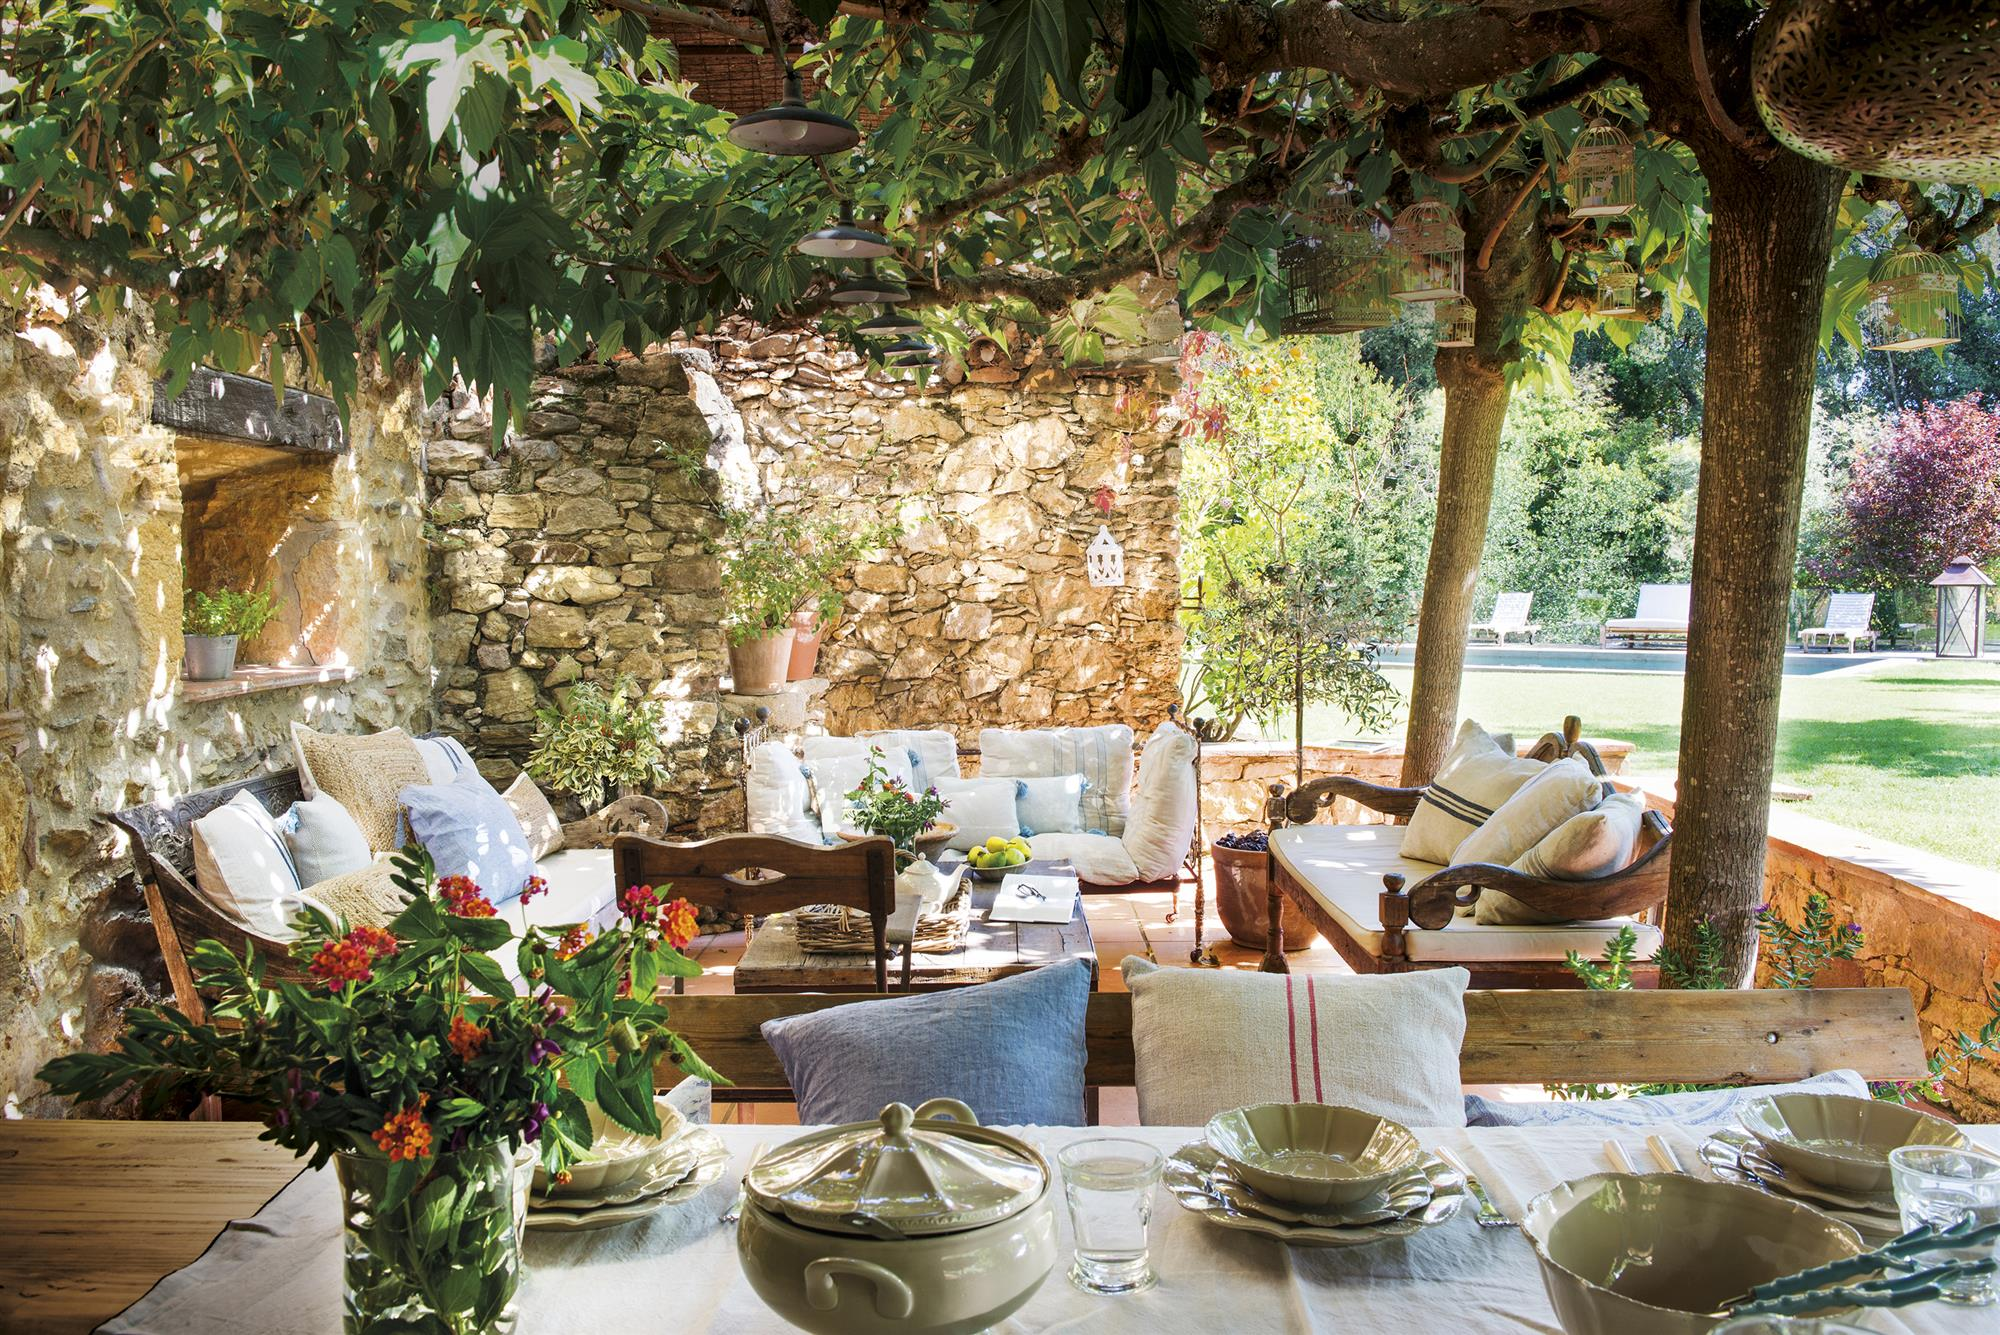 Jardines Todo Sobre La Decoraci N De Jardines De Casas # Muebles Oasis Caseros